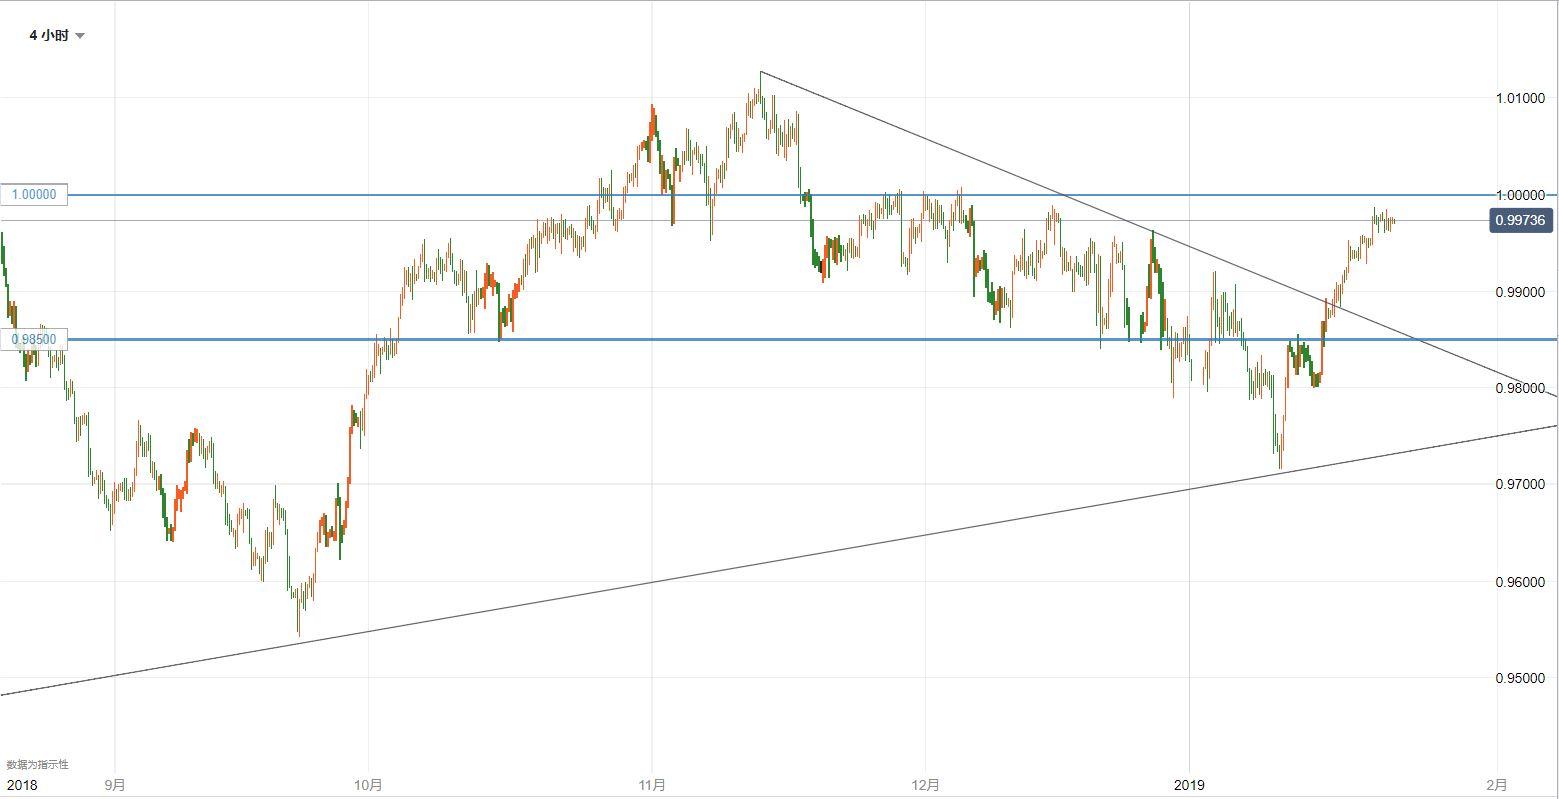 美元/瑞郎技術分析:可能繼續在平價關口下方震盪